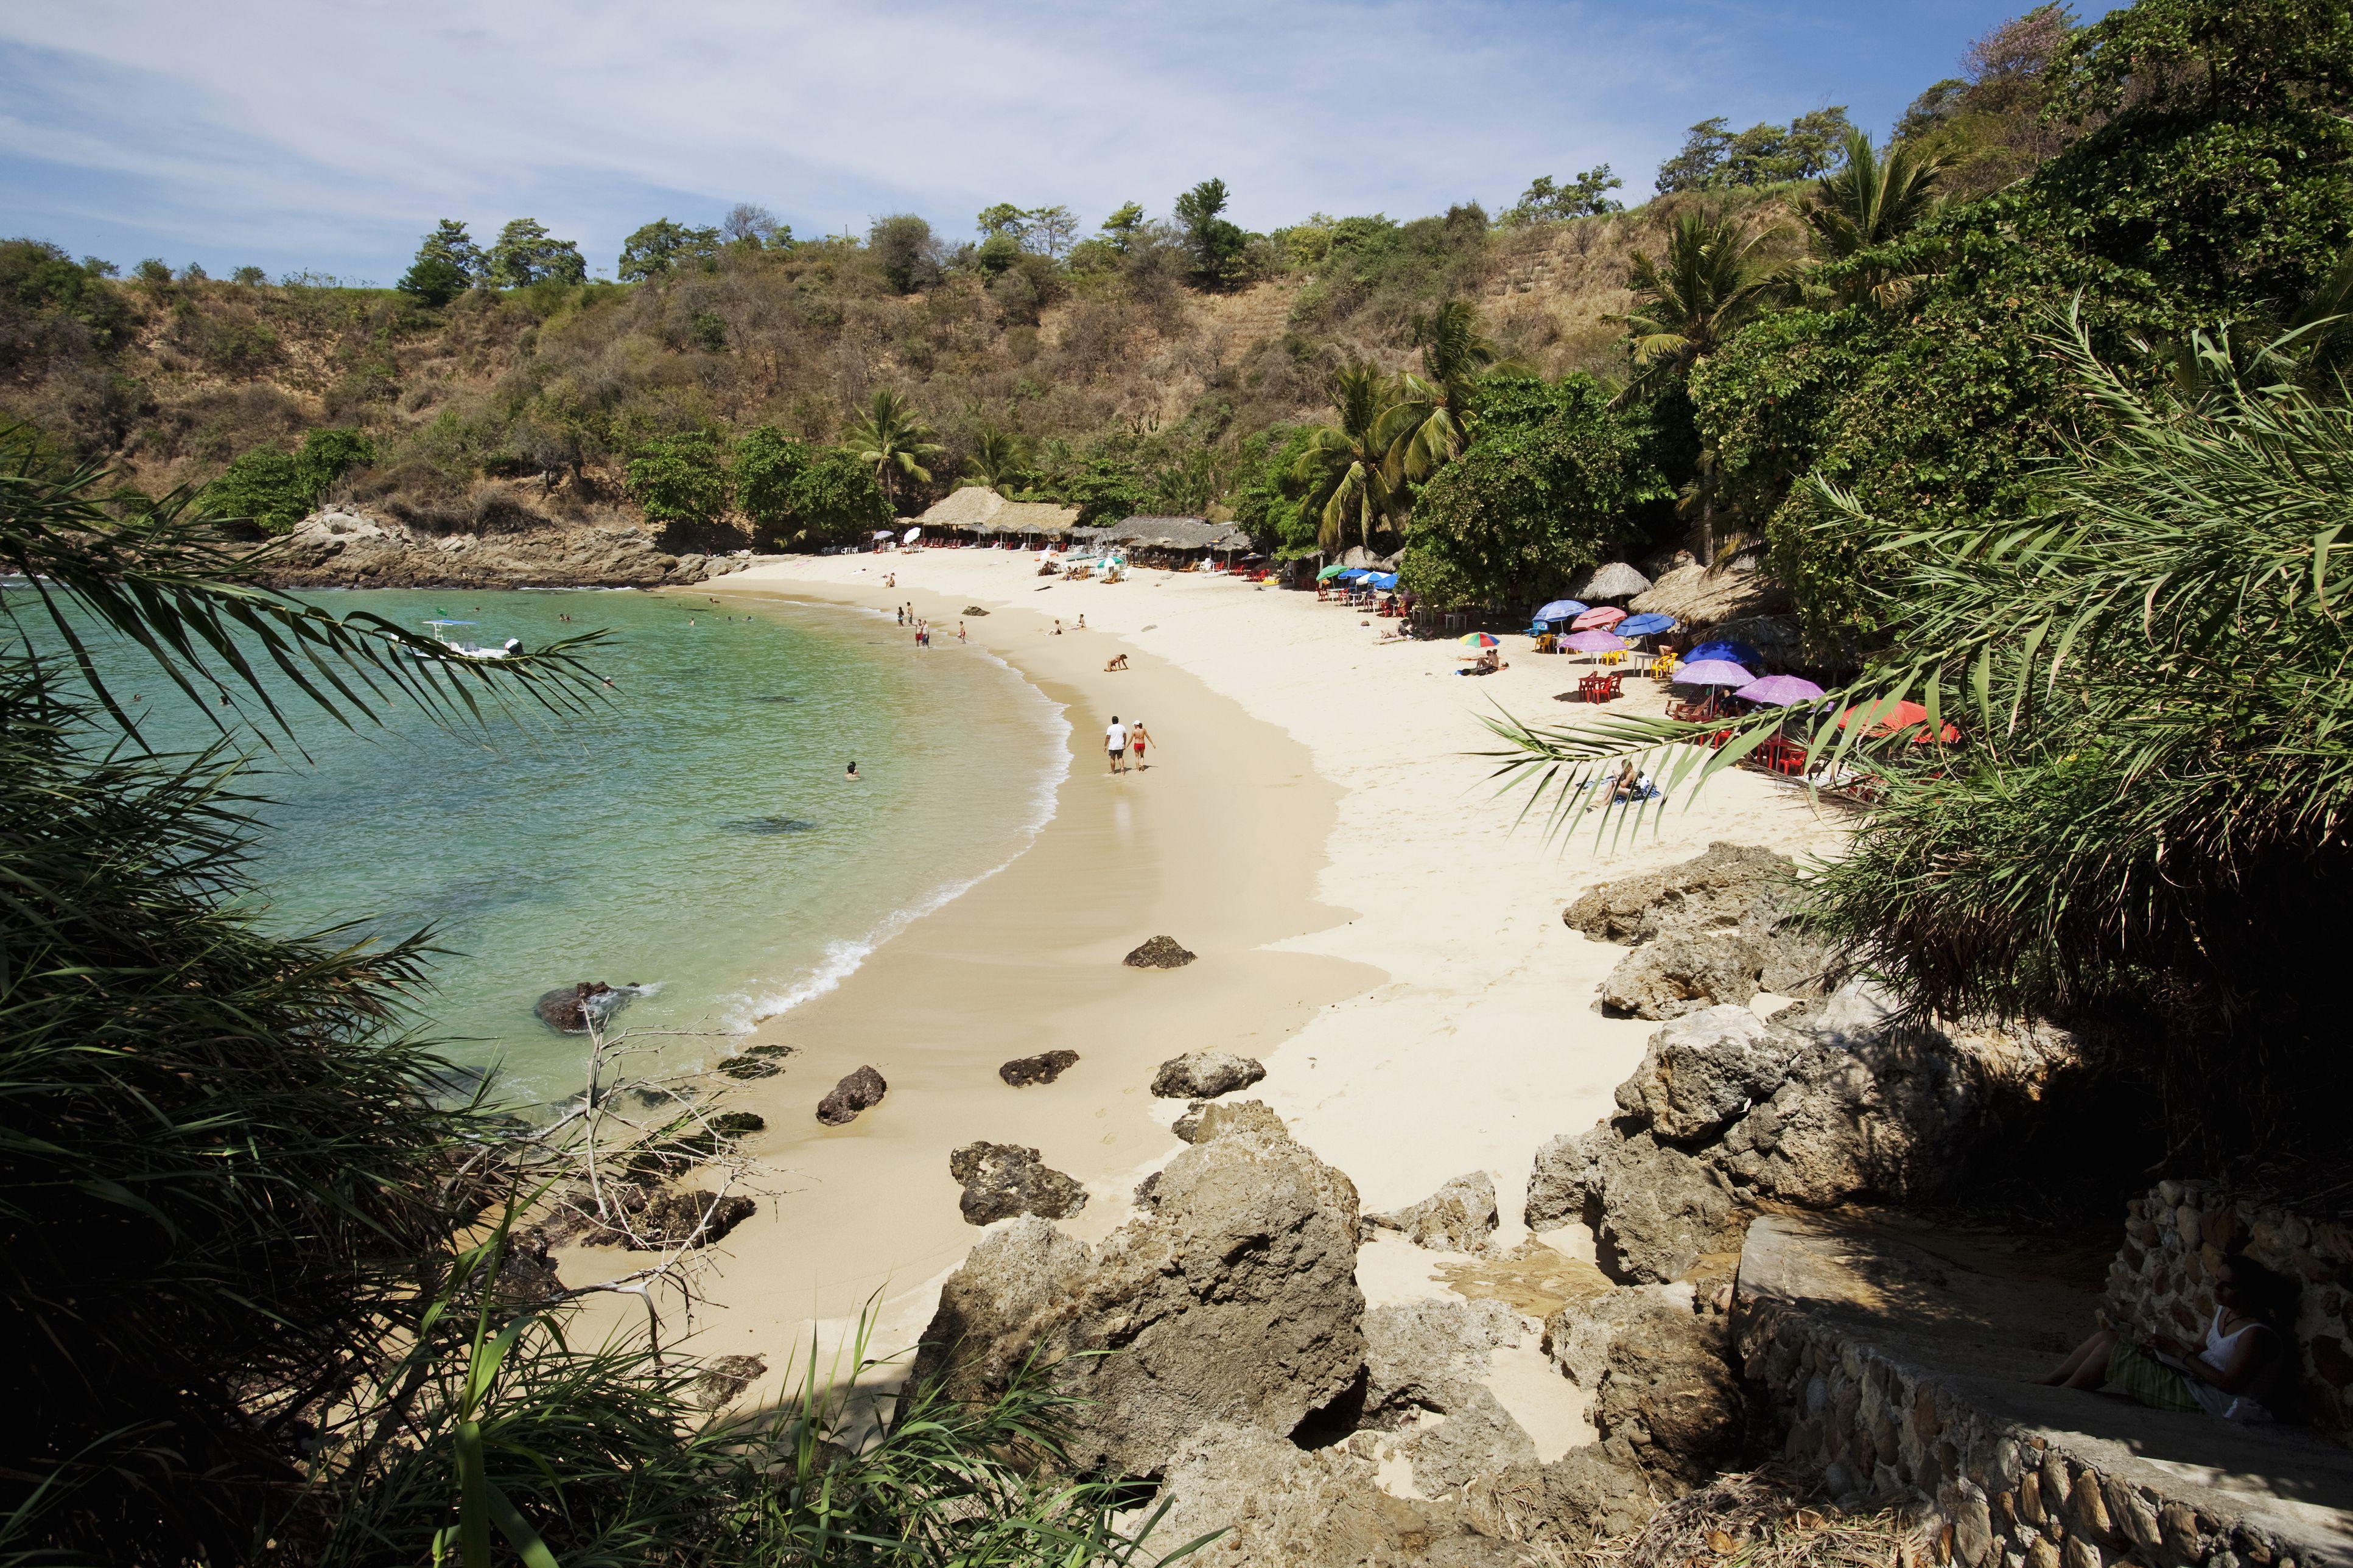 Beach at Puerto Escondido, Mexico